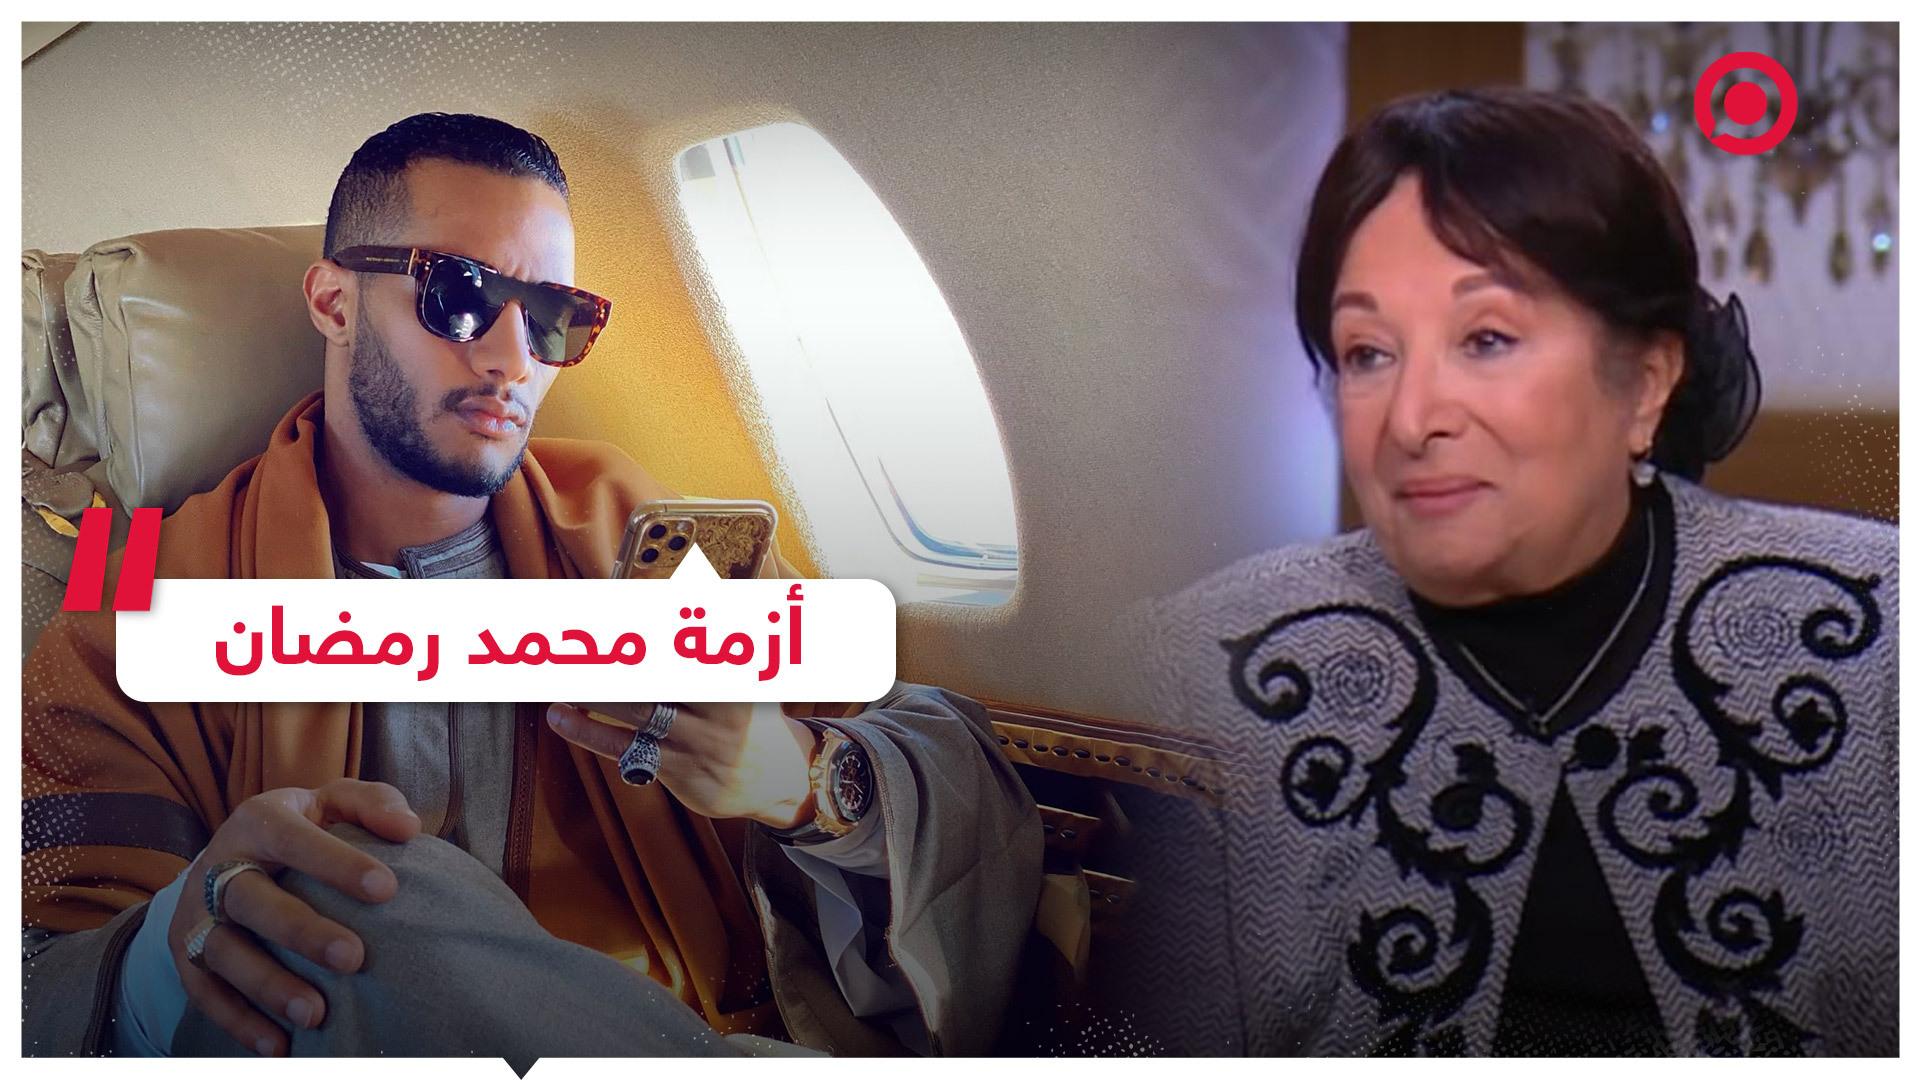 جدل يلاحق محمد رمضان بعد اتهامه بشتم فنانة مصرية